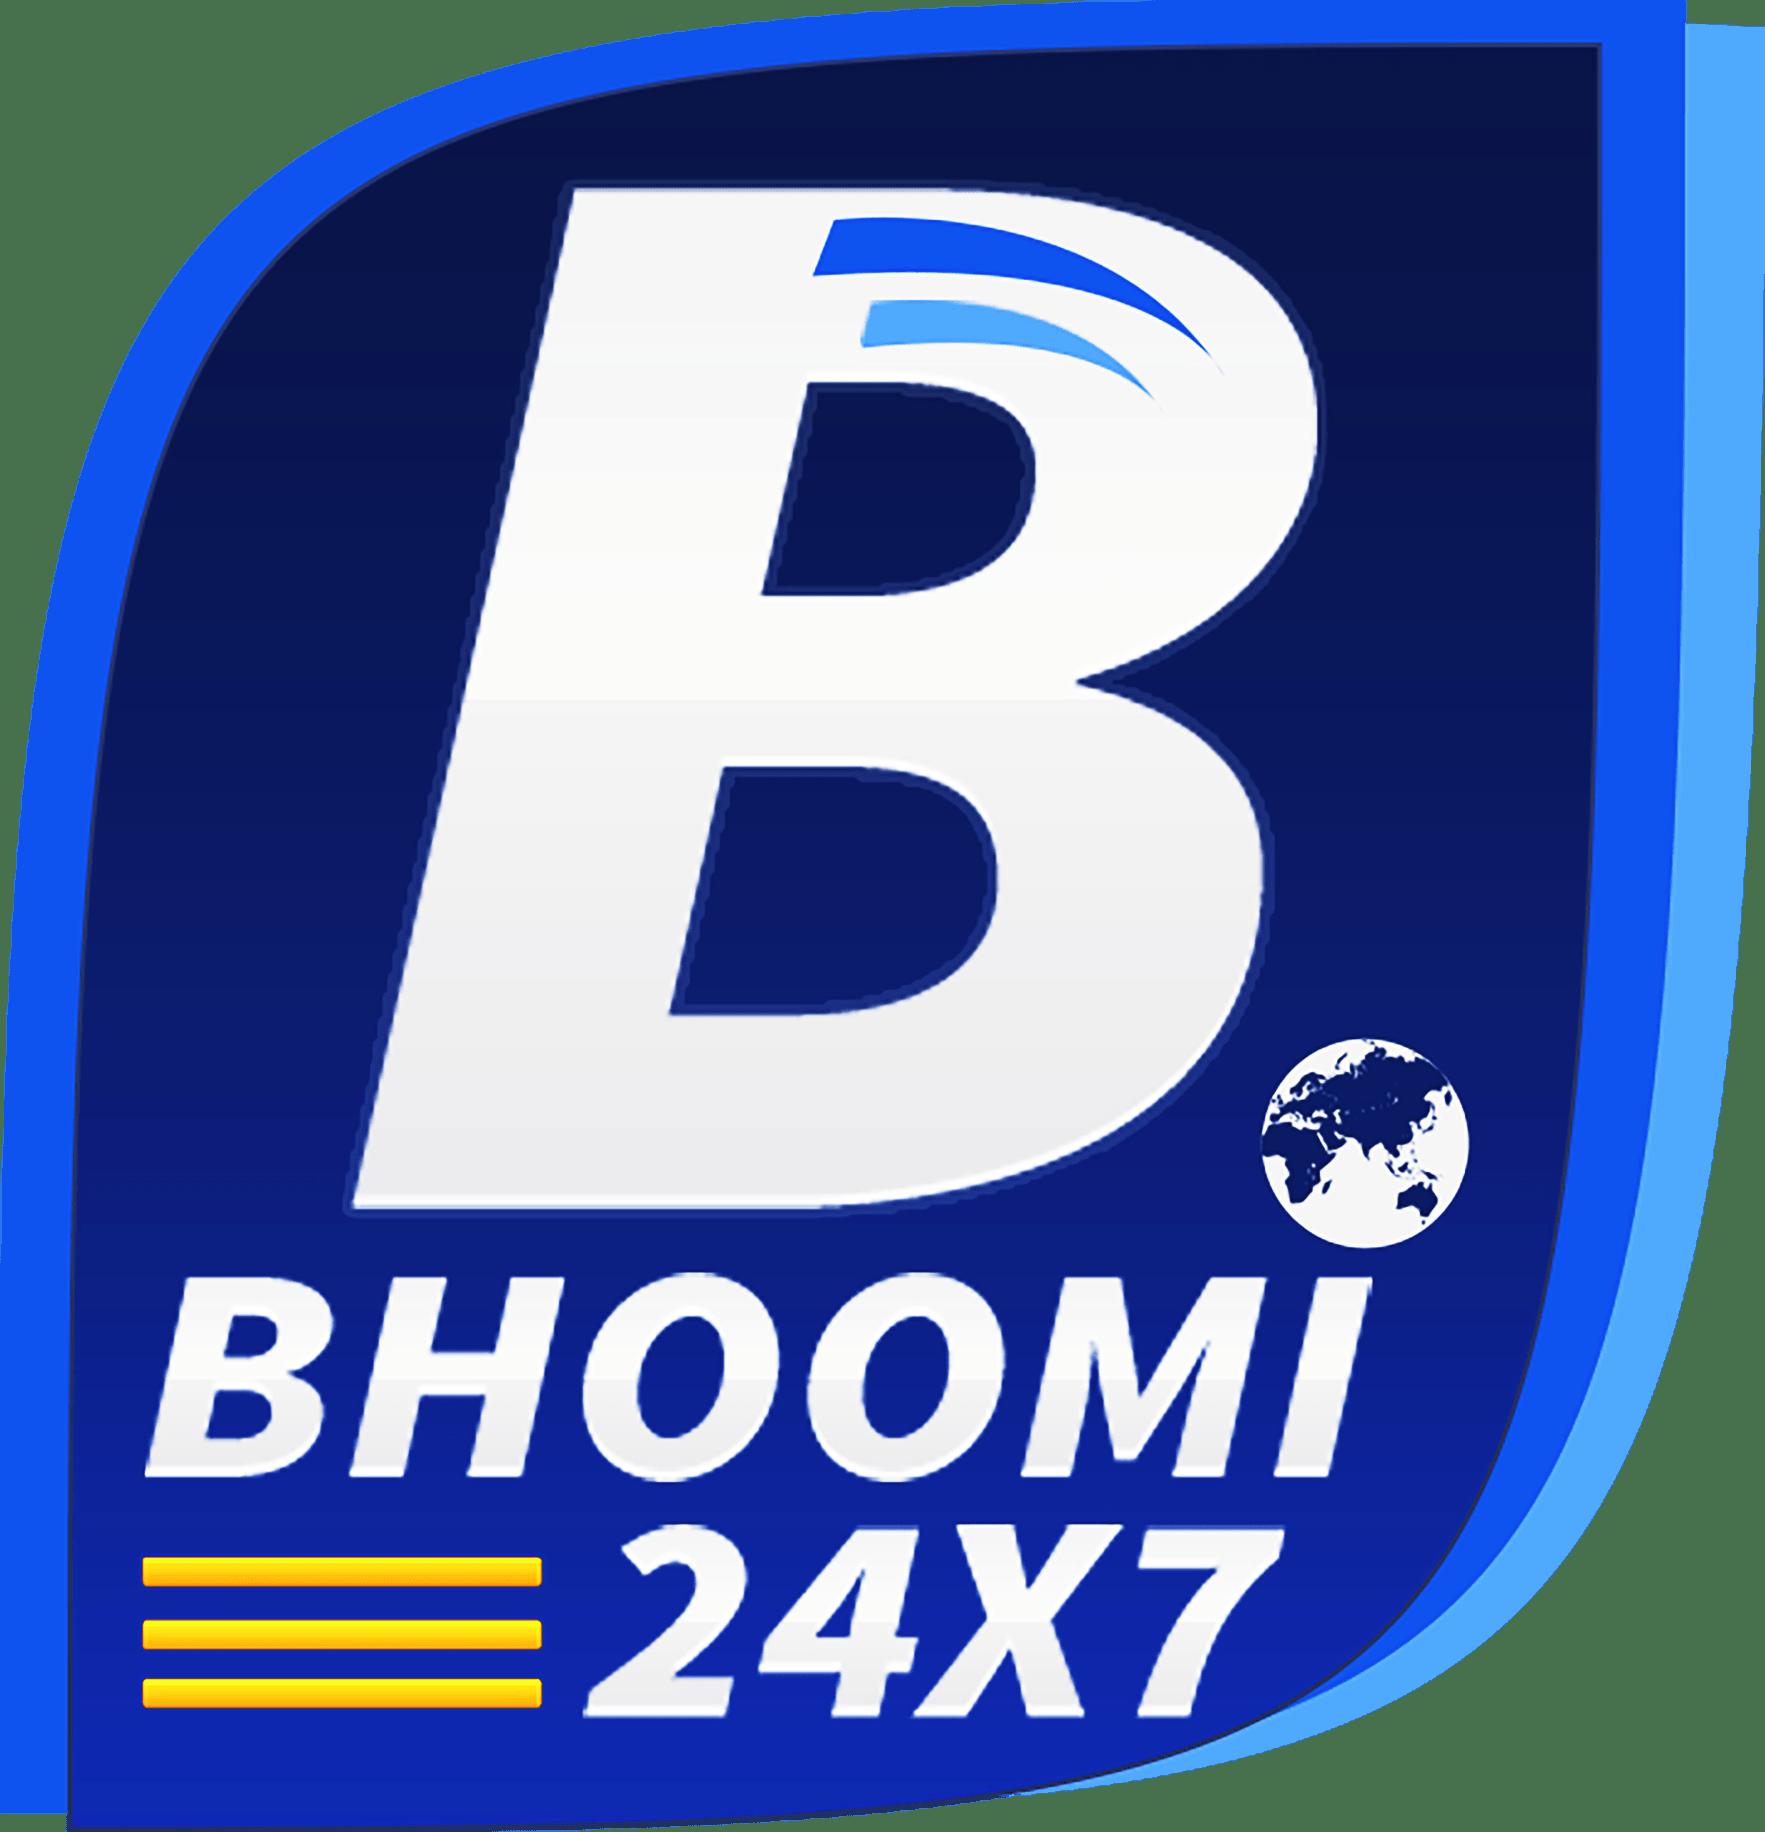 Bhoomi 24×7